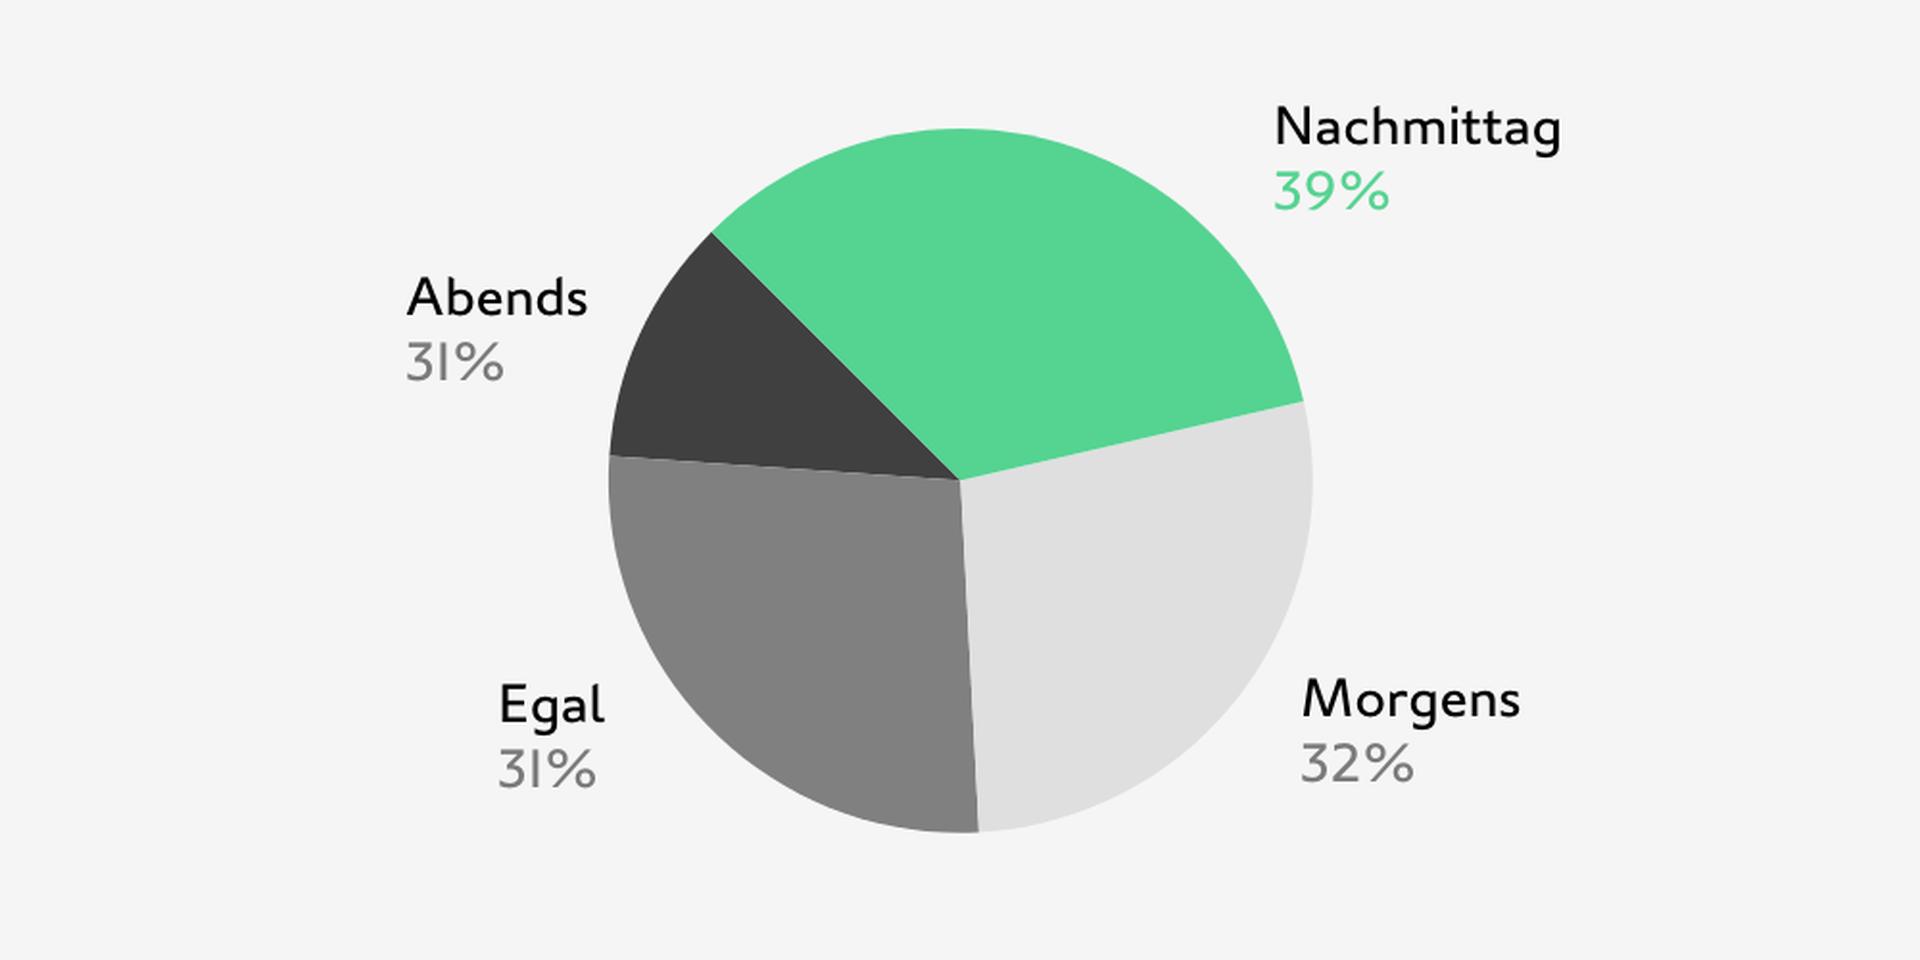 LINK Mobility -   Statistik zeigt, dass der Abend für die Kundenkommunikation am wenigsten geeignet ist